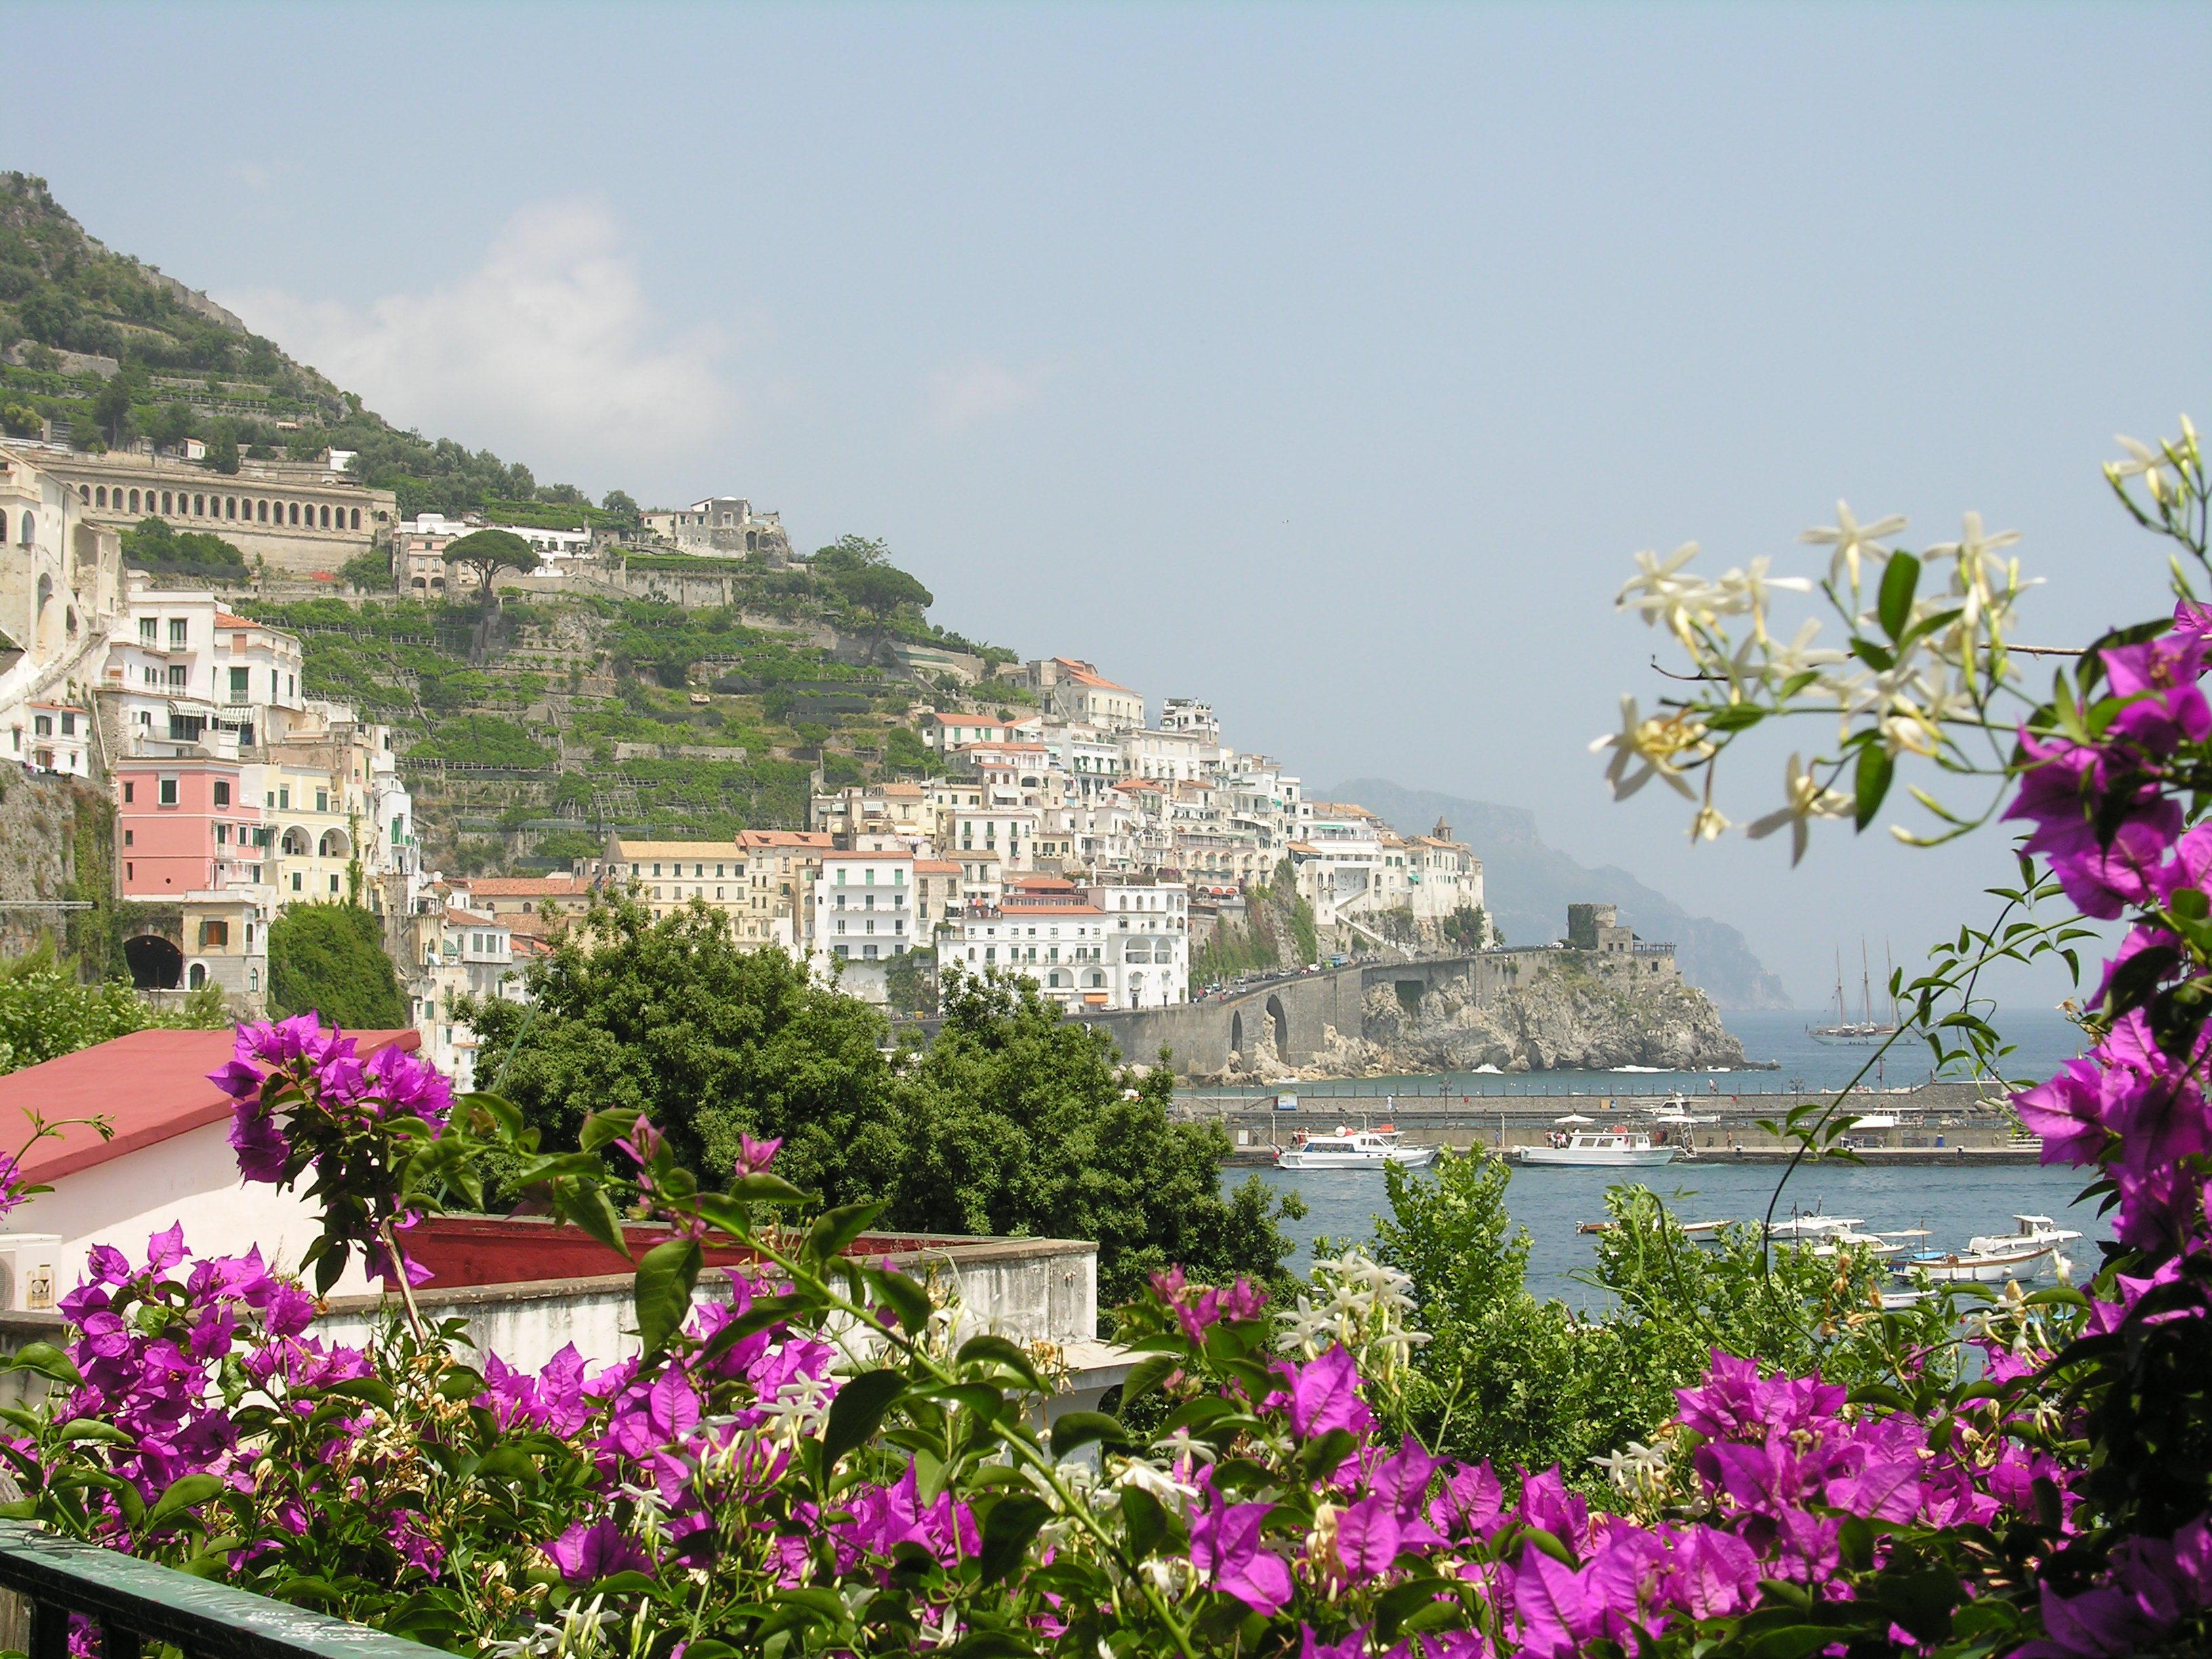 них картинки весенняя природа средиземноморье таким рисунком могут